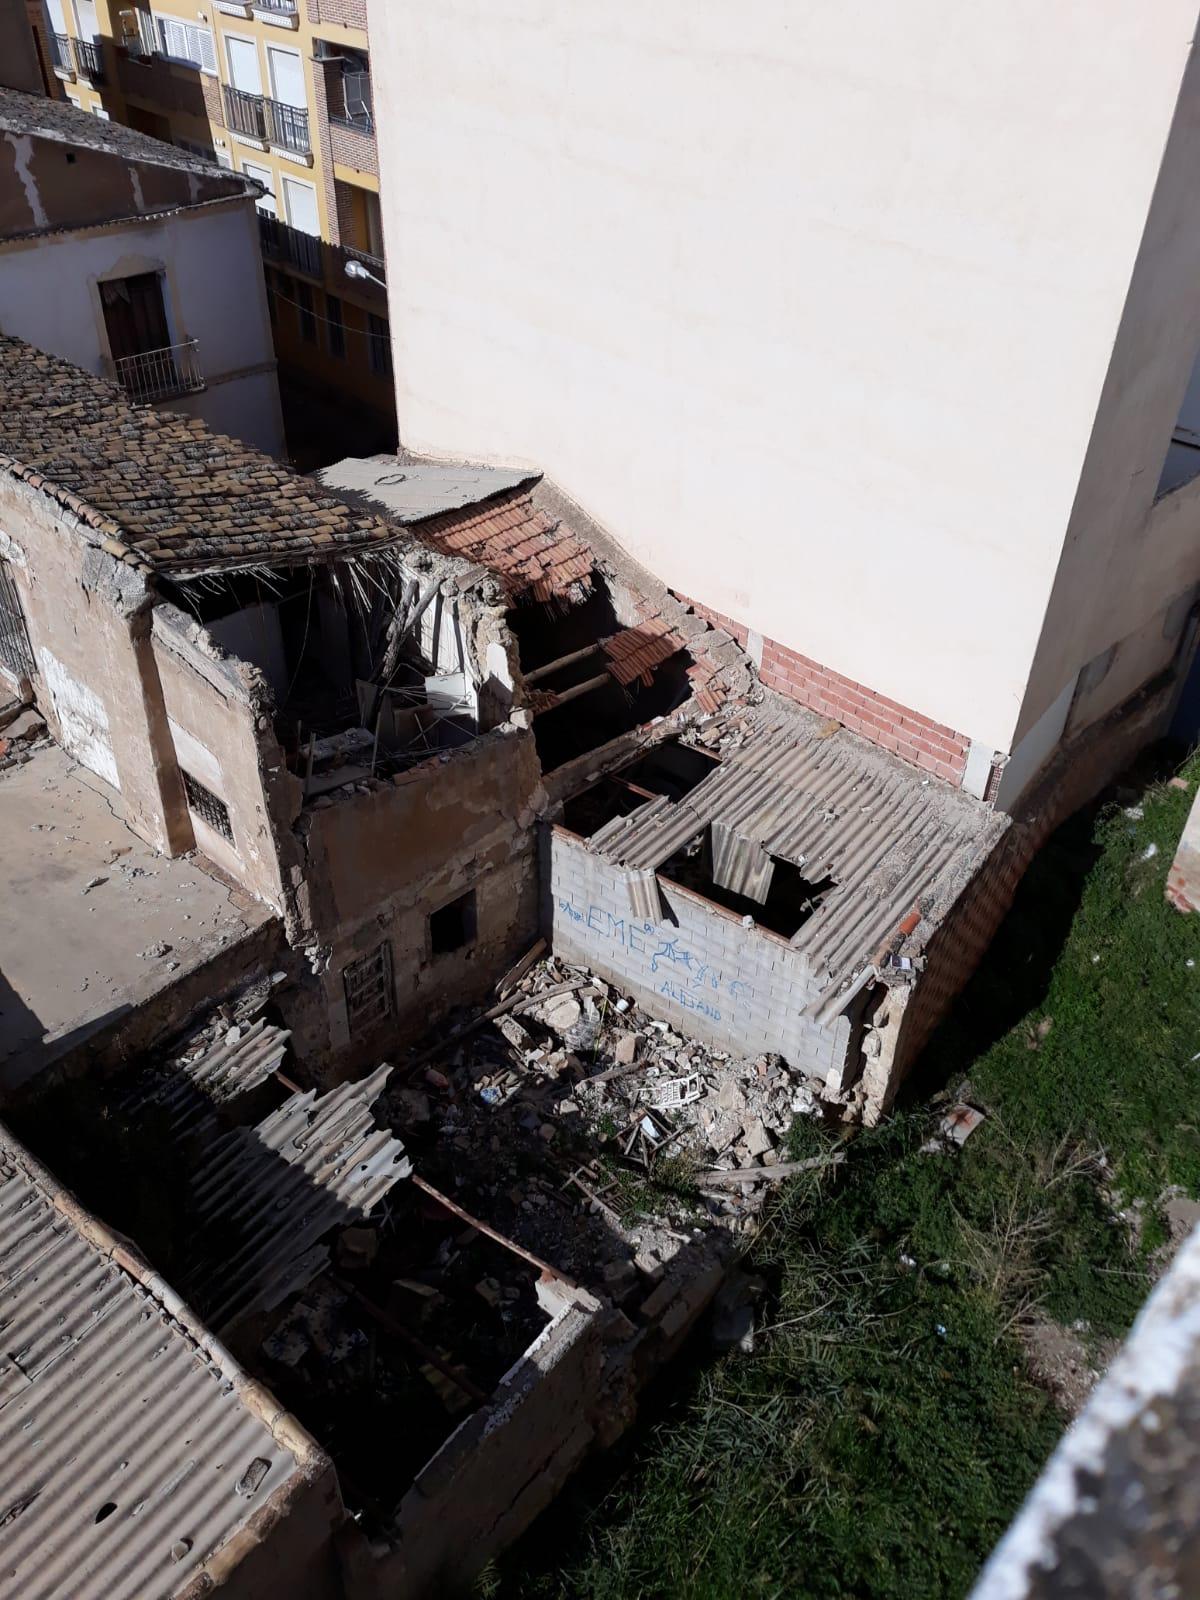 El PSOE exige la retirada urgente de las planchas de amianto rotas existentes sobre varias edificaciones ruinosas en calle Charco, junto al parque de Los Curtidores